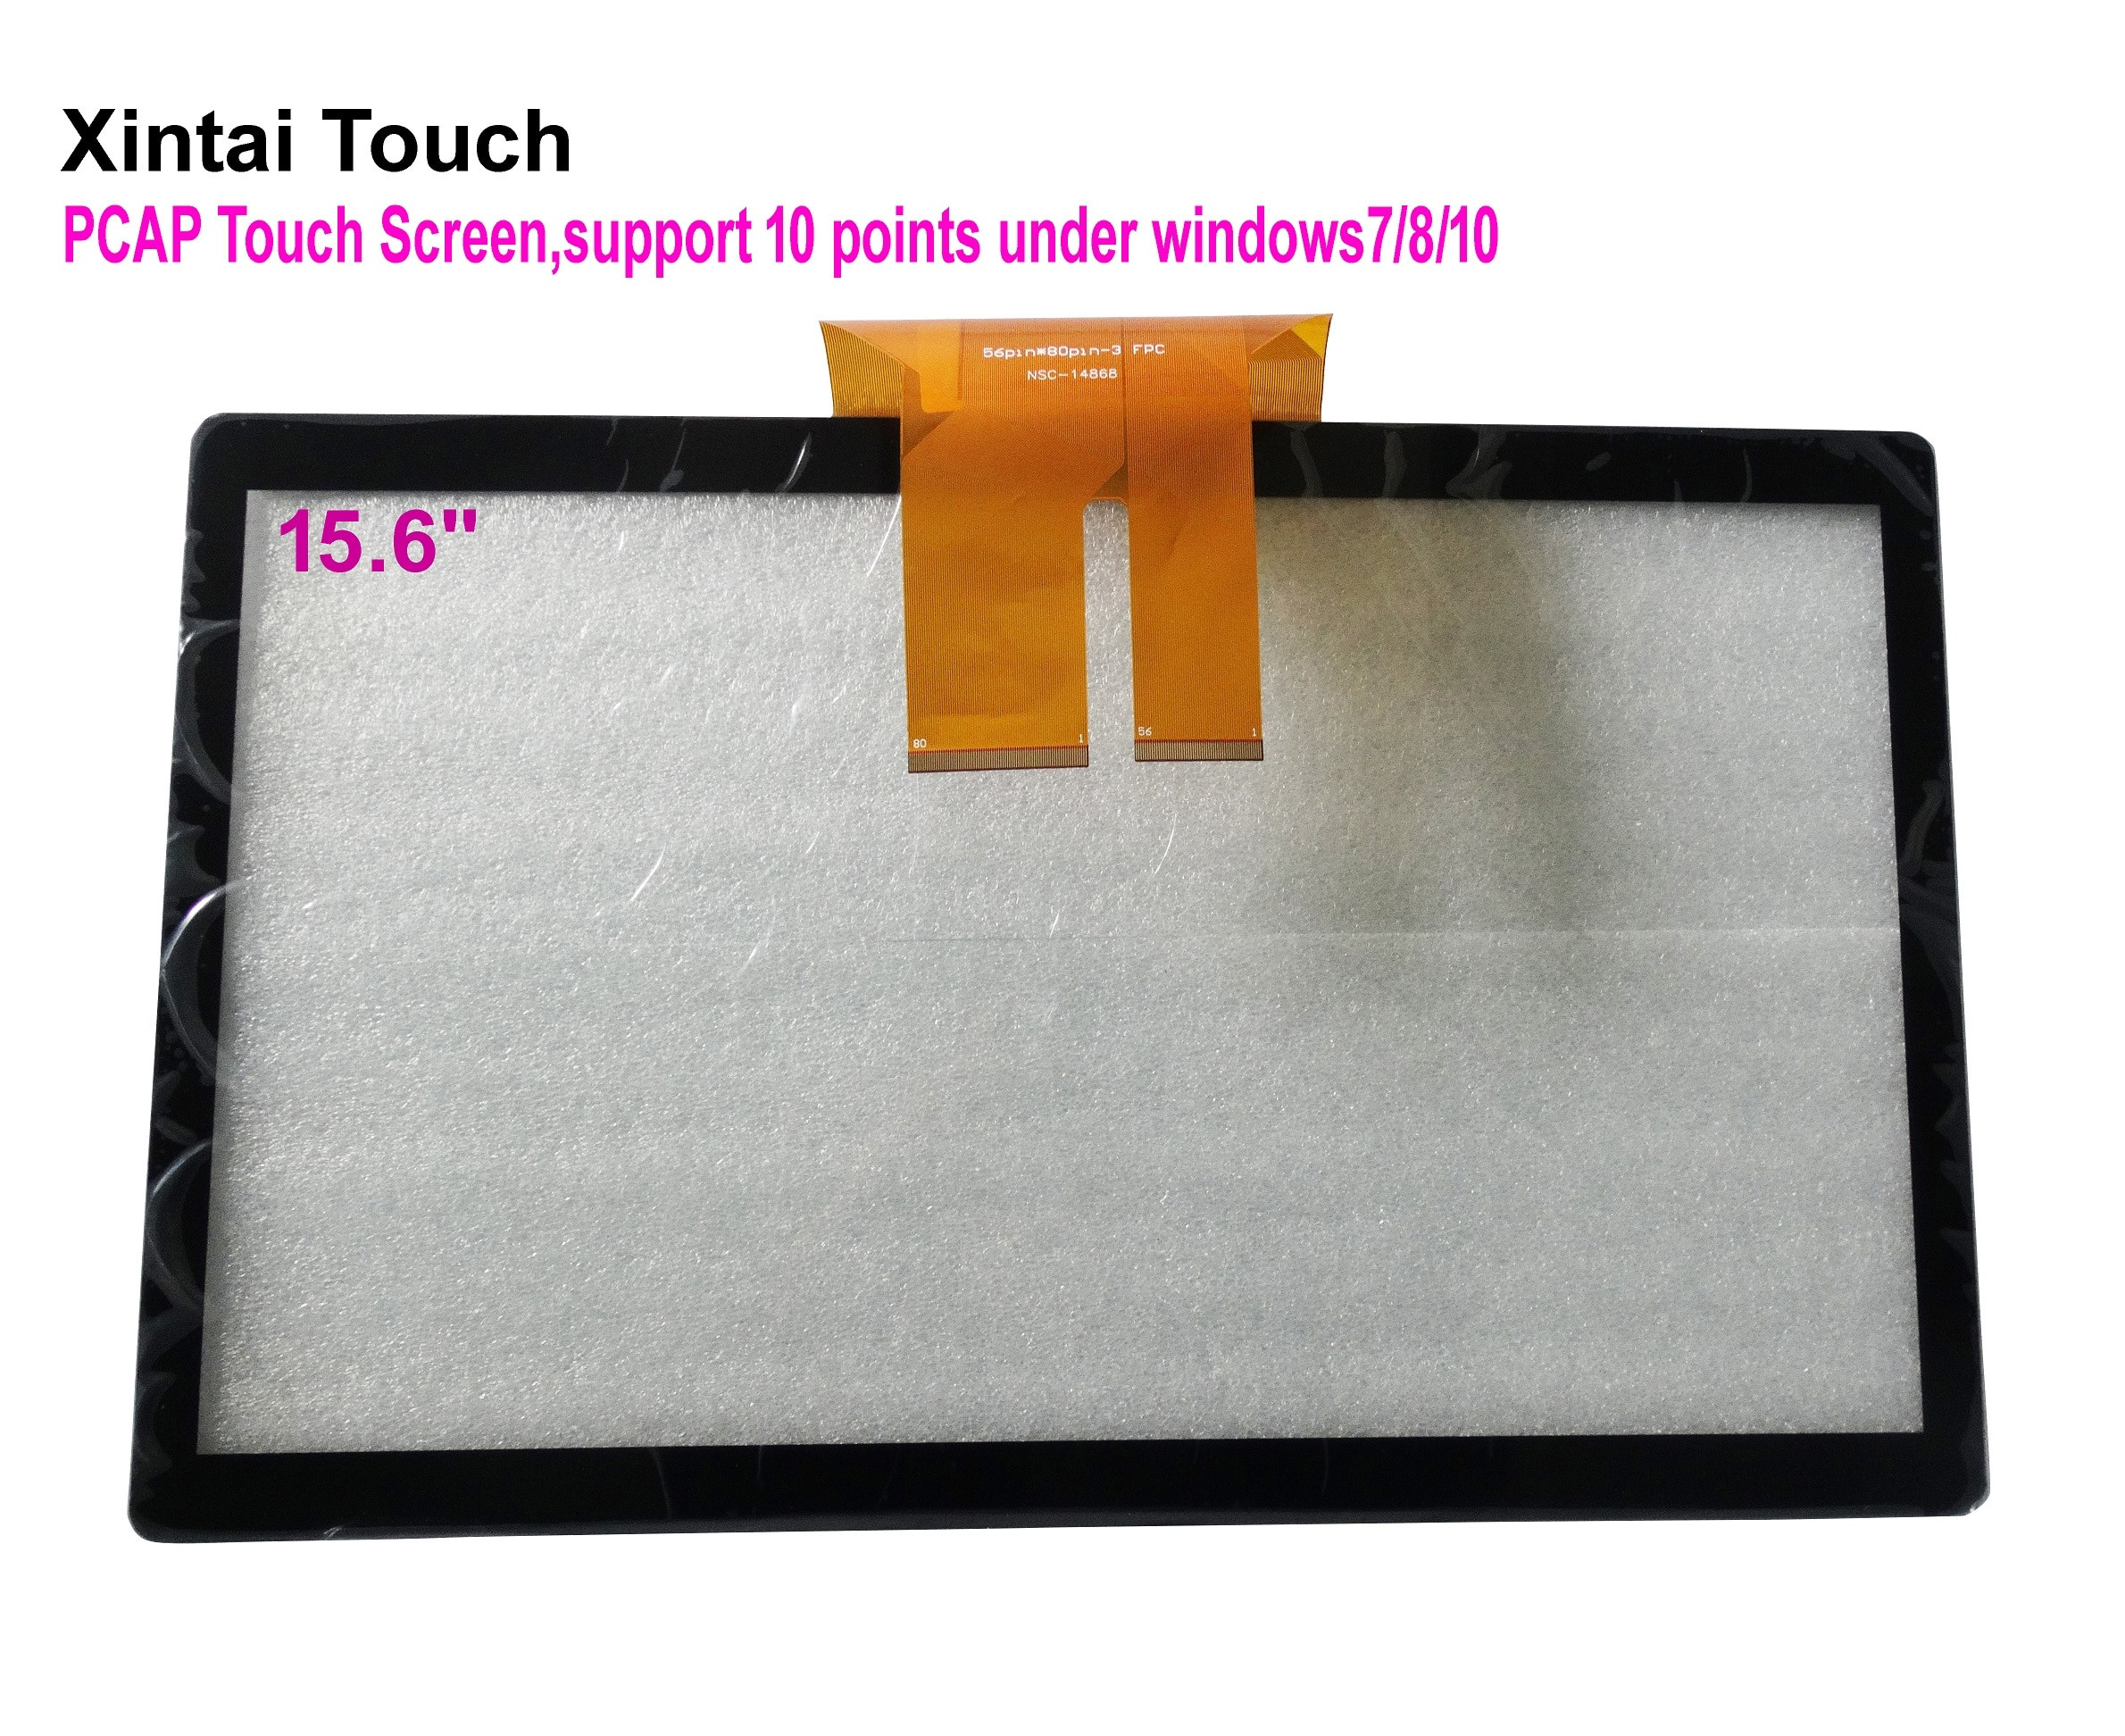 شحن مجاني! شاشة لمس متعددة بالسعة ، 15.6 بوصة ، USB ، مجموعة لوحة تراكب ، 10 نقاط